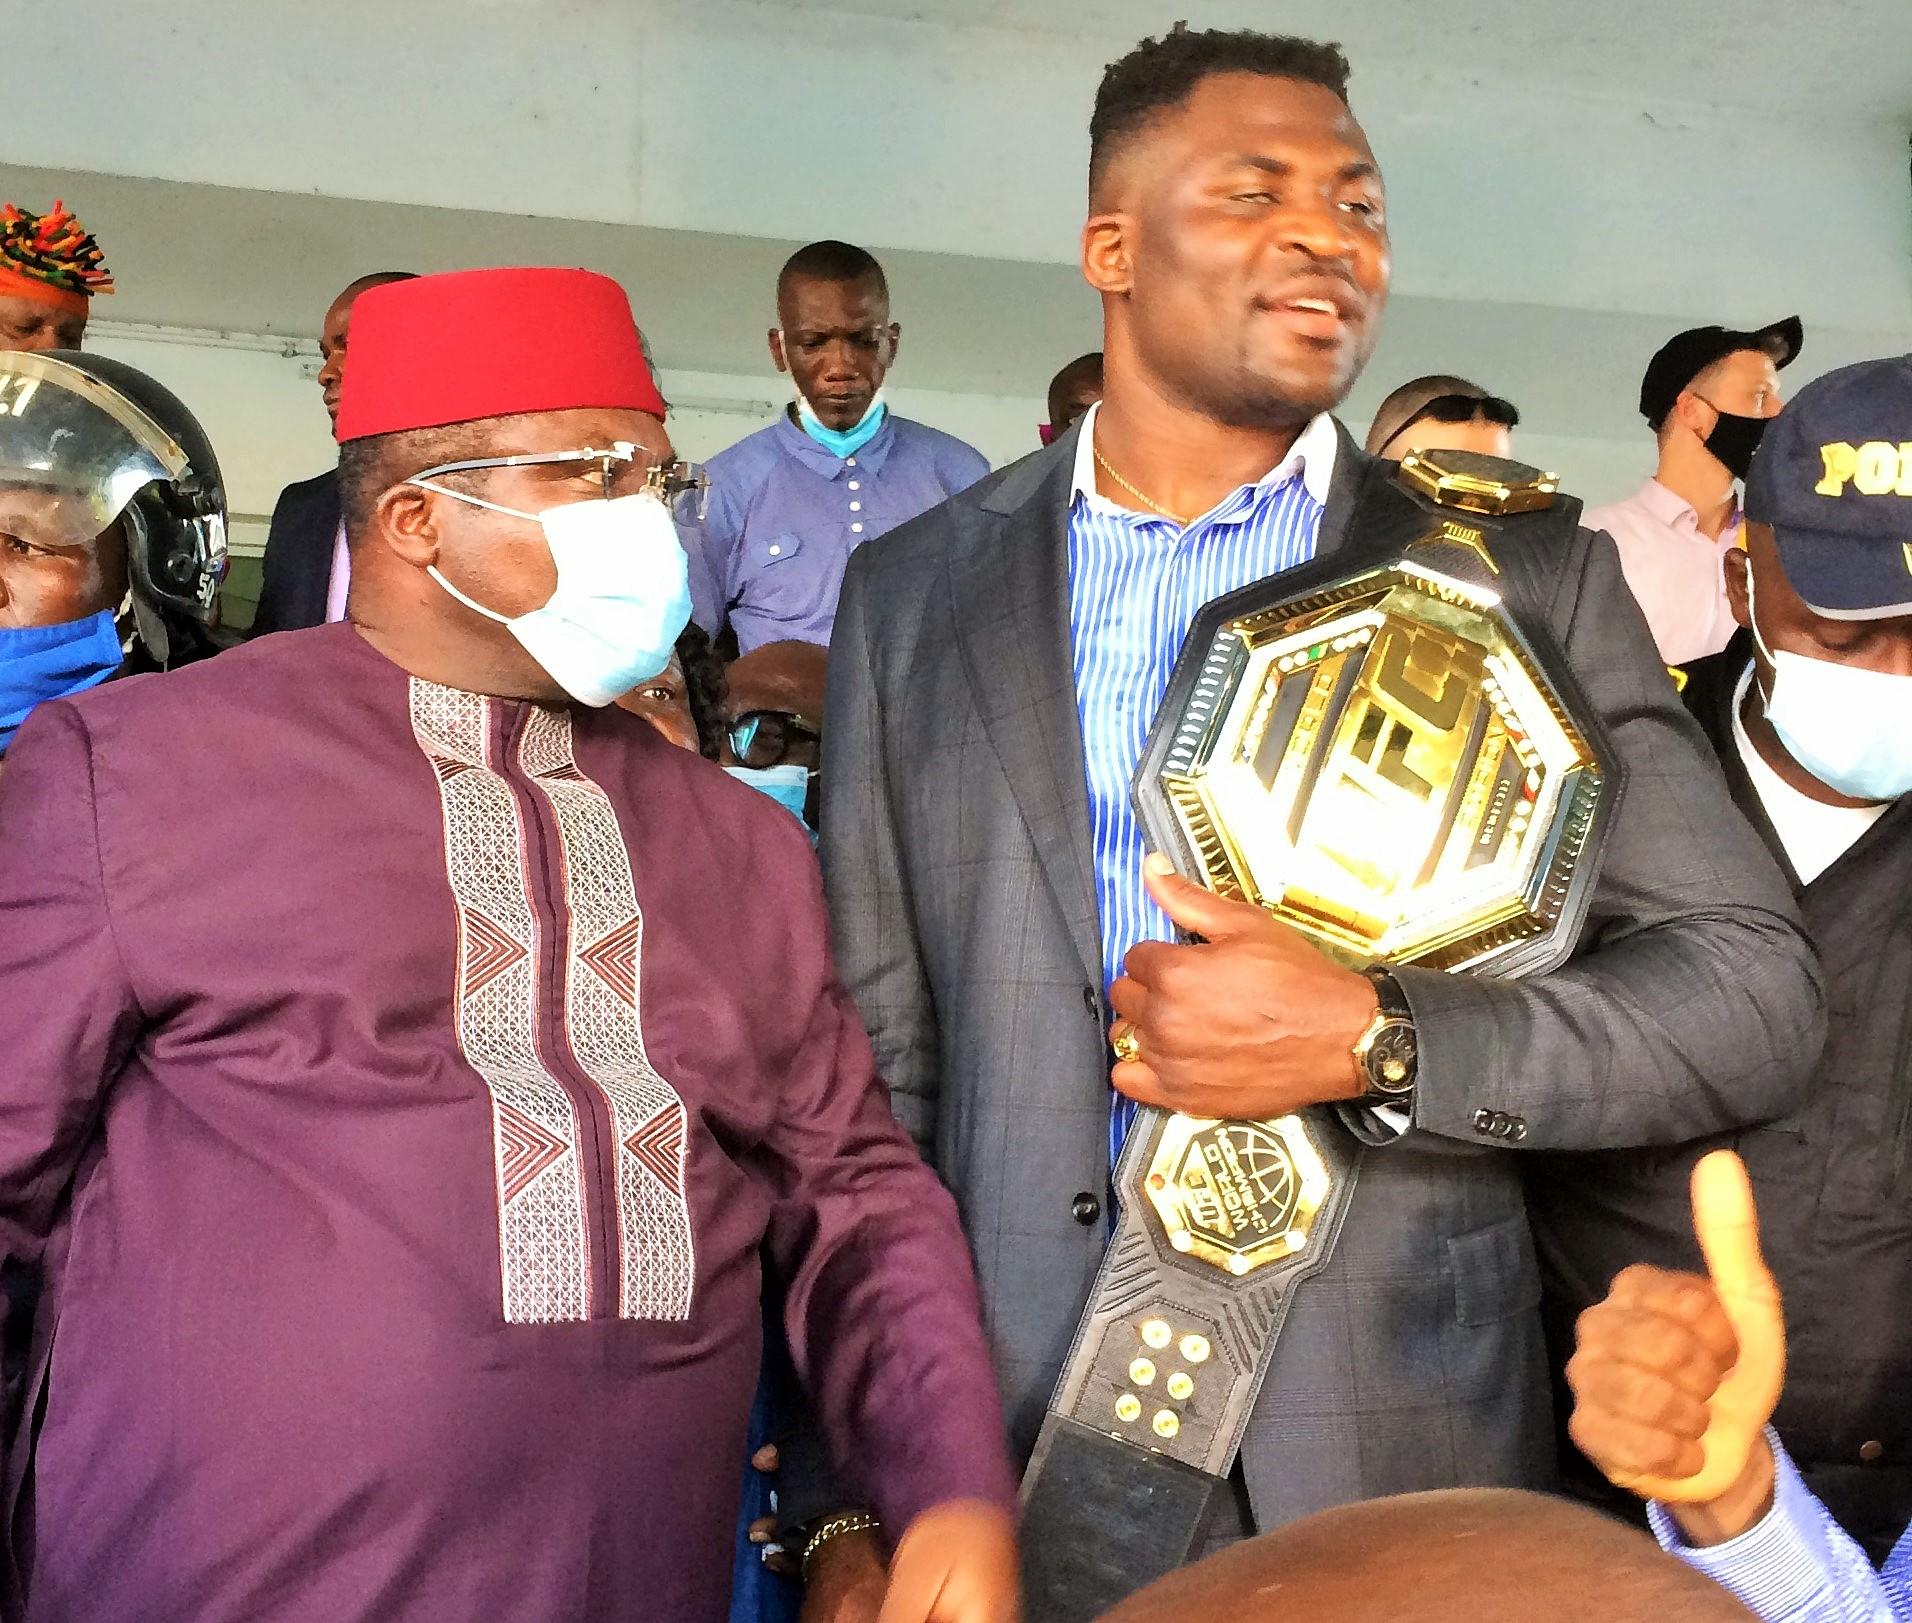 Service du Gouverneur de la région du Littoral lundi 26 avril 2021. Samuel Dieudonné Ivaha Diboua est à côté de Francis Ngannou qui tient sur sa main sa ceinture.